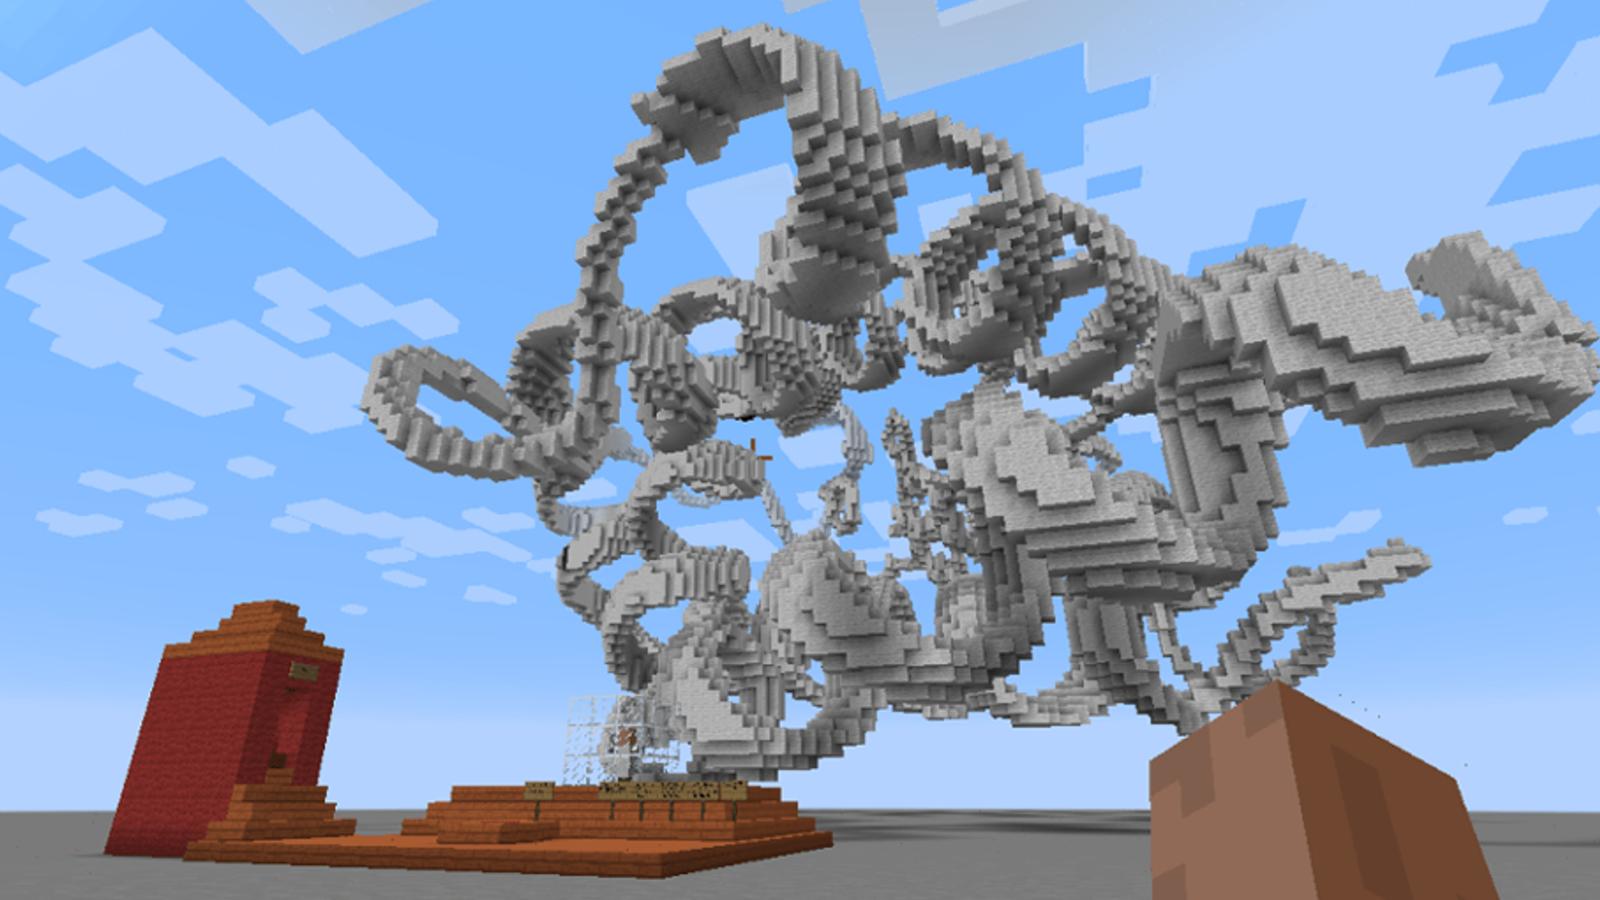 Scientists Built This Molecular Playground in Minecraft to Teach Kids Chemistry